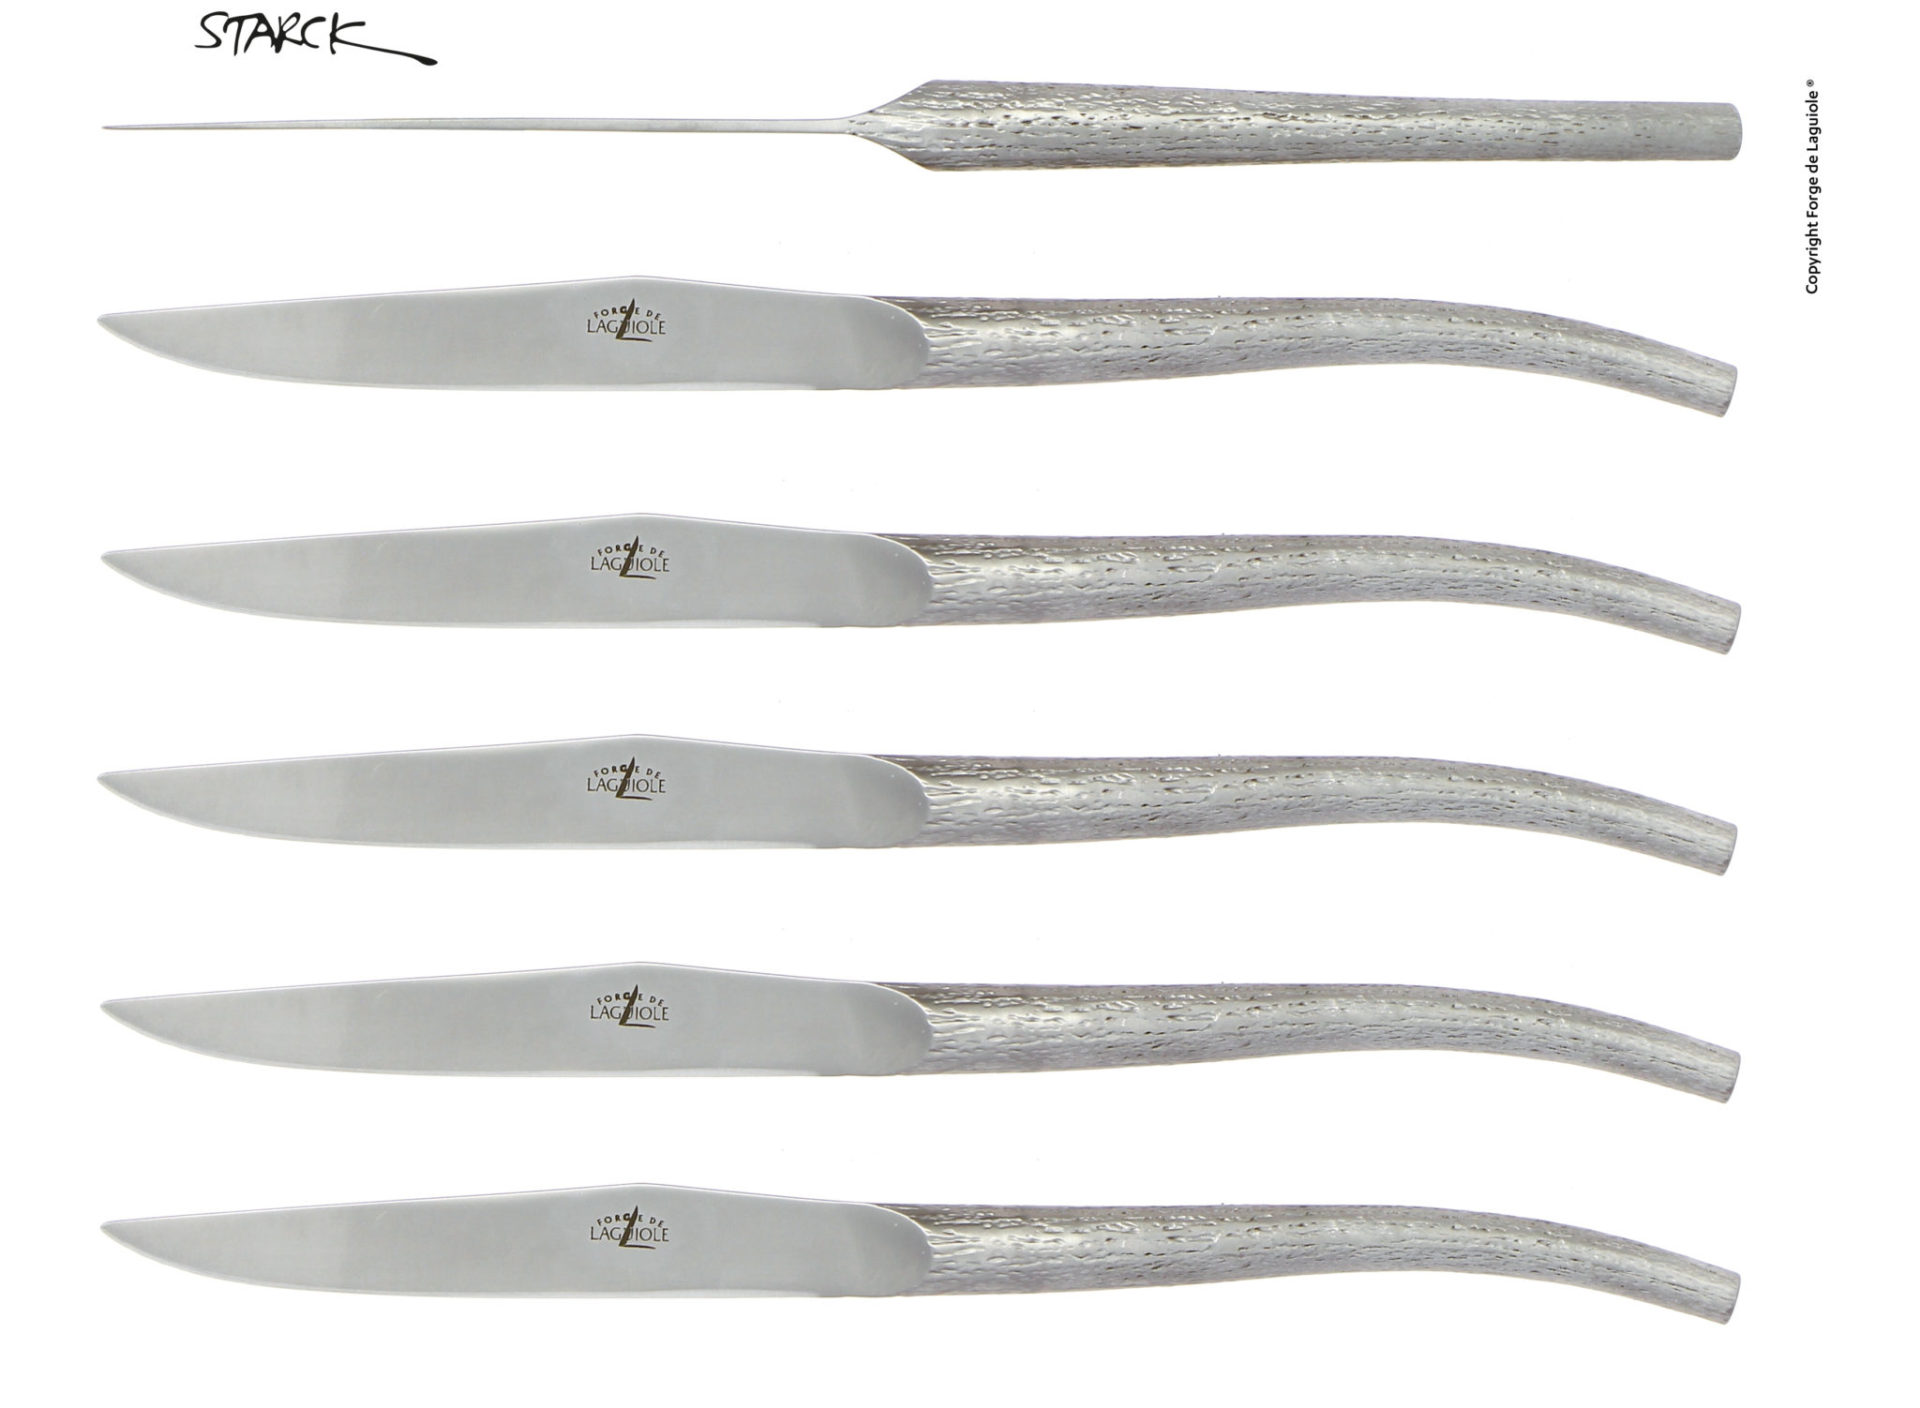 couteau de table design philippe starck forge de laguiole